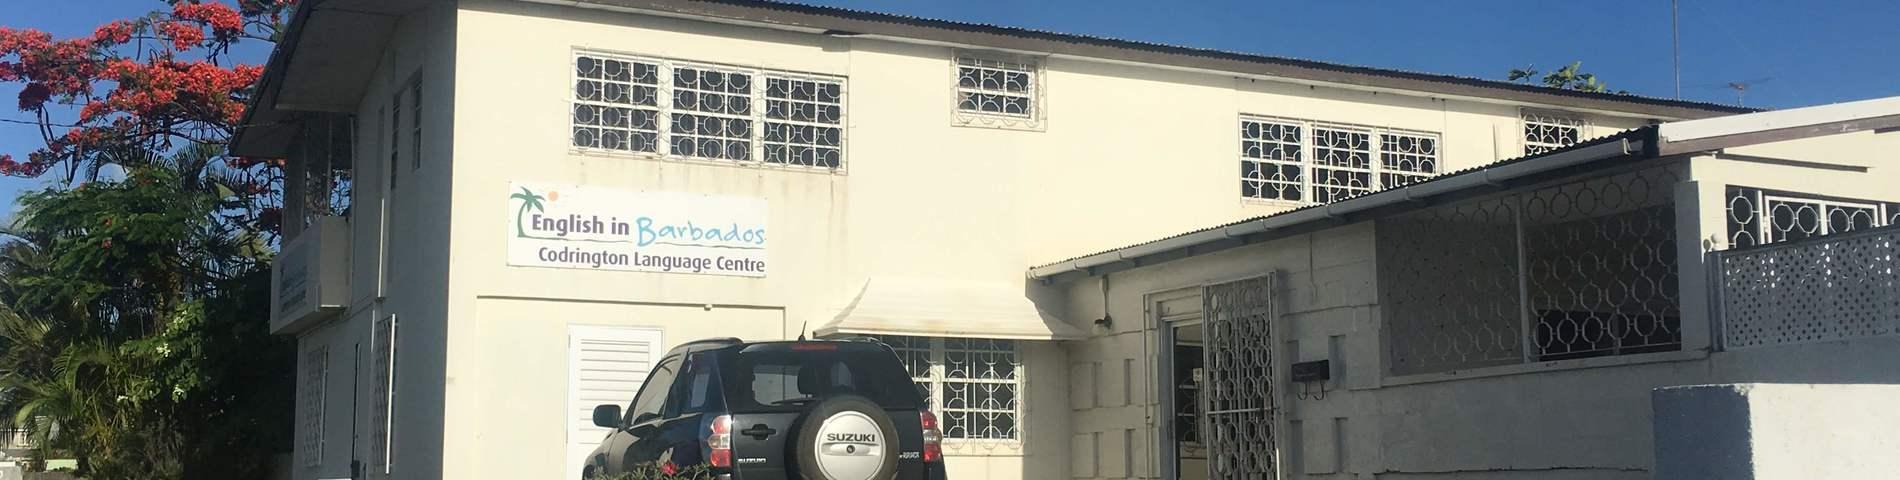 The Codrington Language Centre picture 1